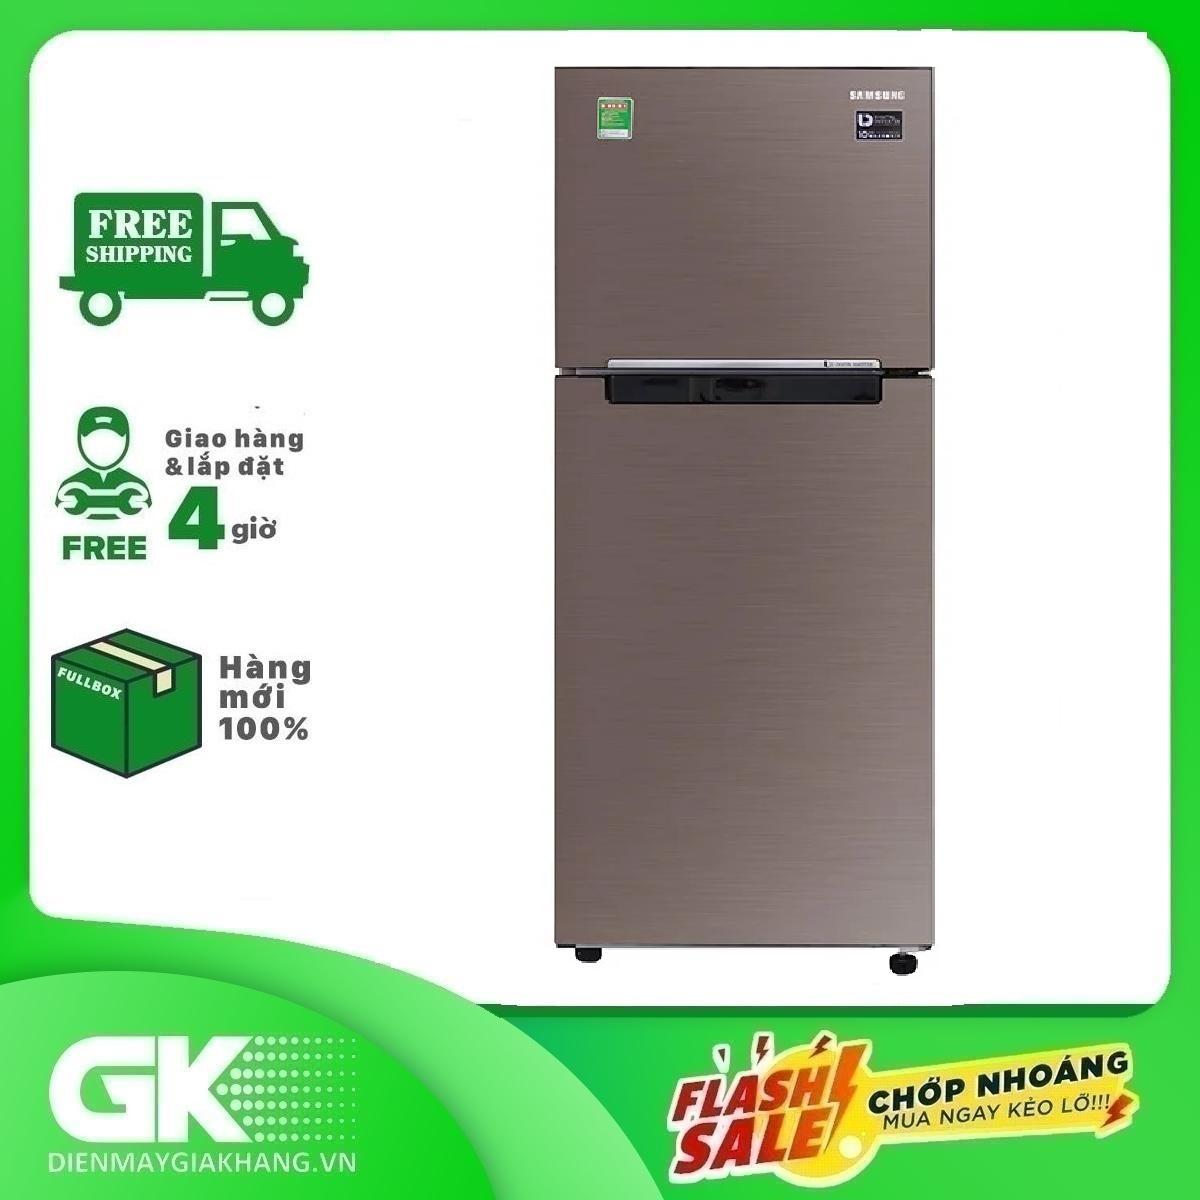 Tủ lạnh Samsung RT22M4040DX/SV Inverter 236 lít, Công nghệ kháng khuẩn, khử mùi:Bộ lọc than hoạt tính Deodorizer, ,Inverter tiết kiệm điện – Bảo hành 12 tháng